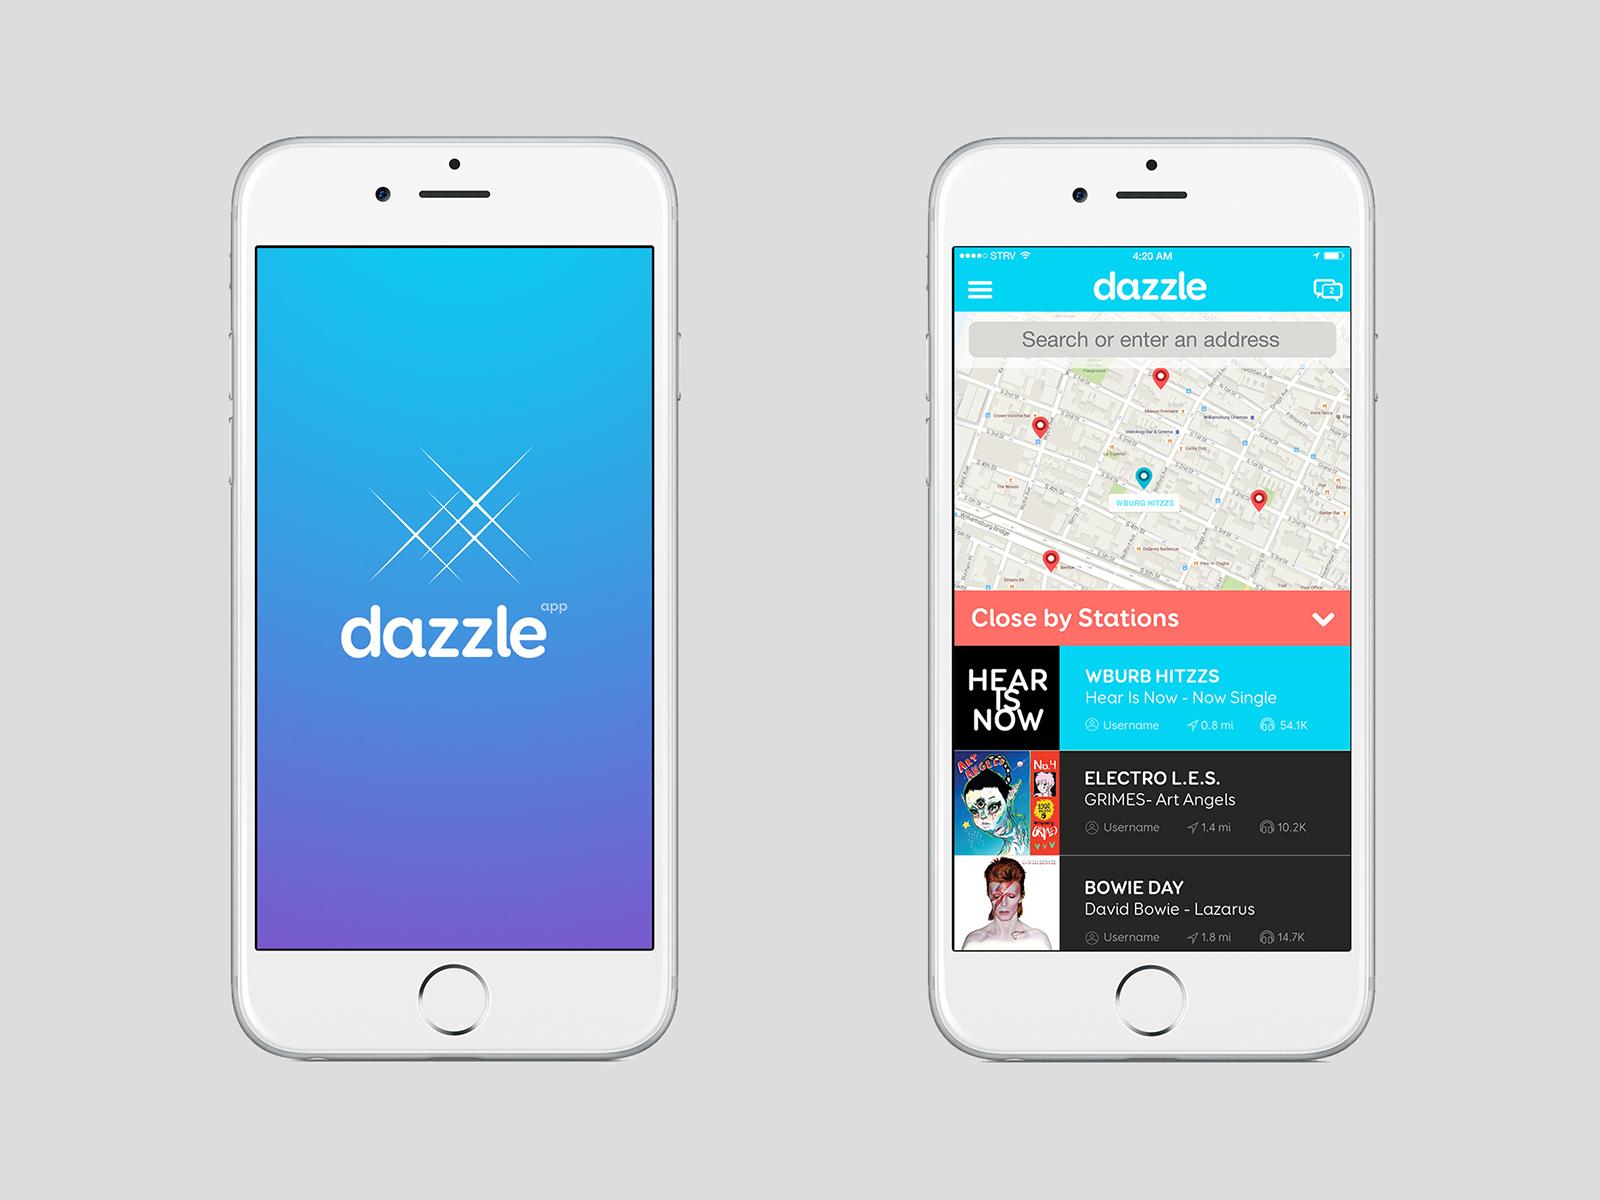 dazzle music app